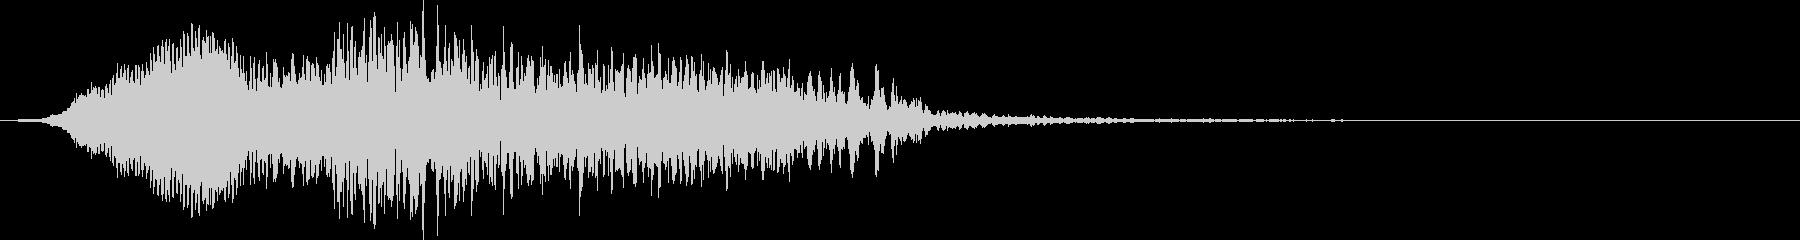 【ホラー・ゲーム】モンスターの声_02の未再生の波形